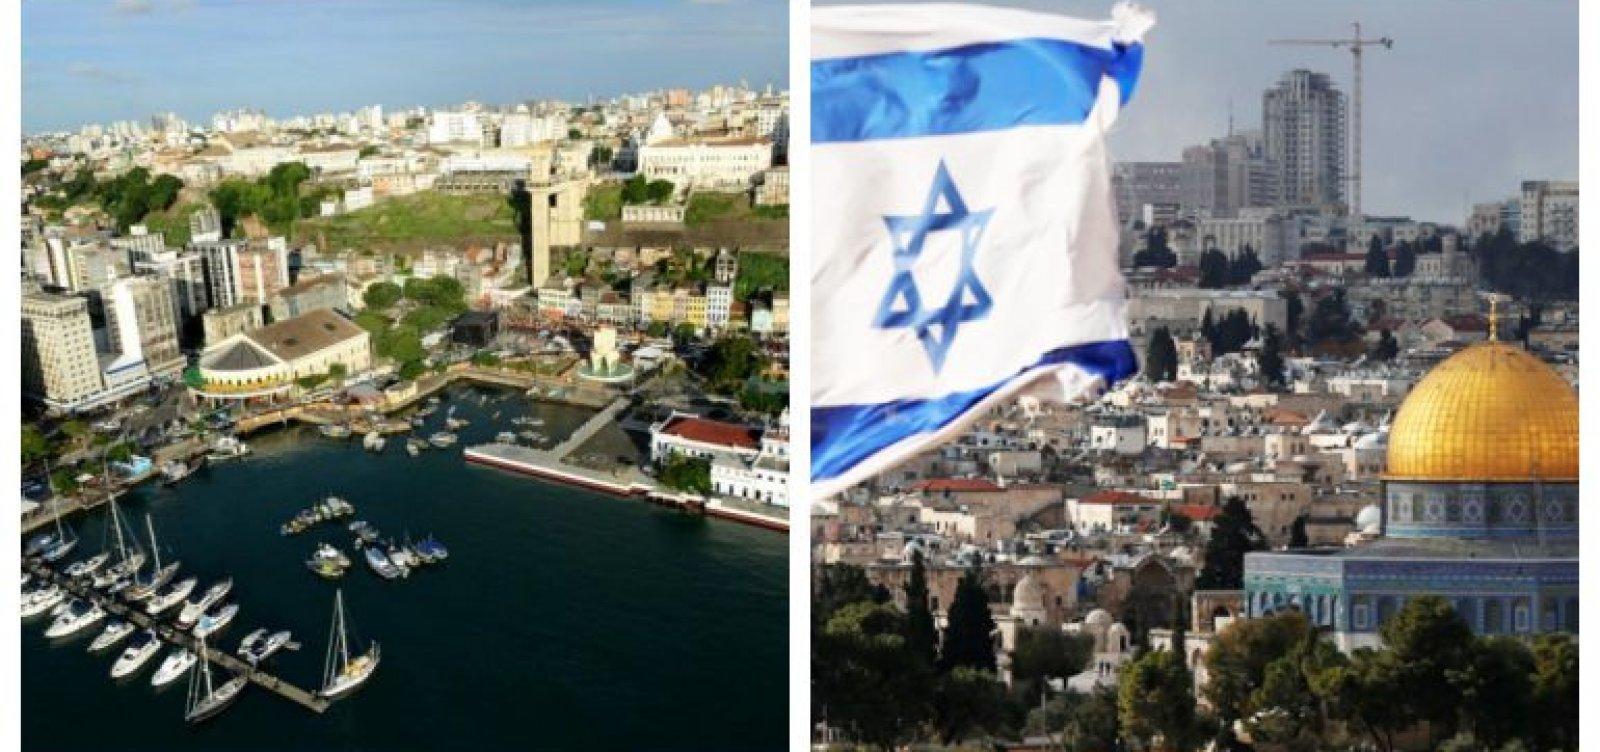 ACM Neto sanciona acordo de 'irmandade' entre Salvador e Jerusalém